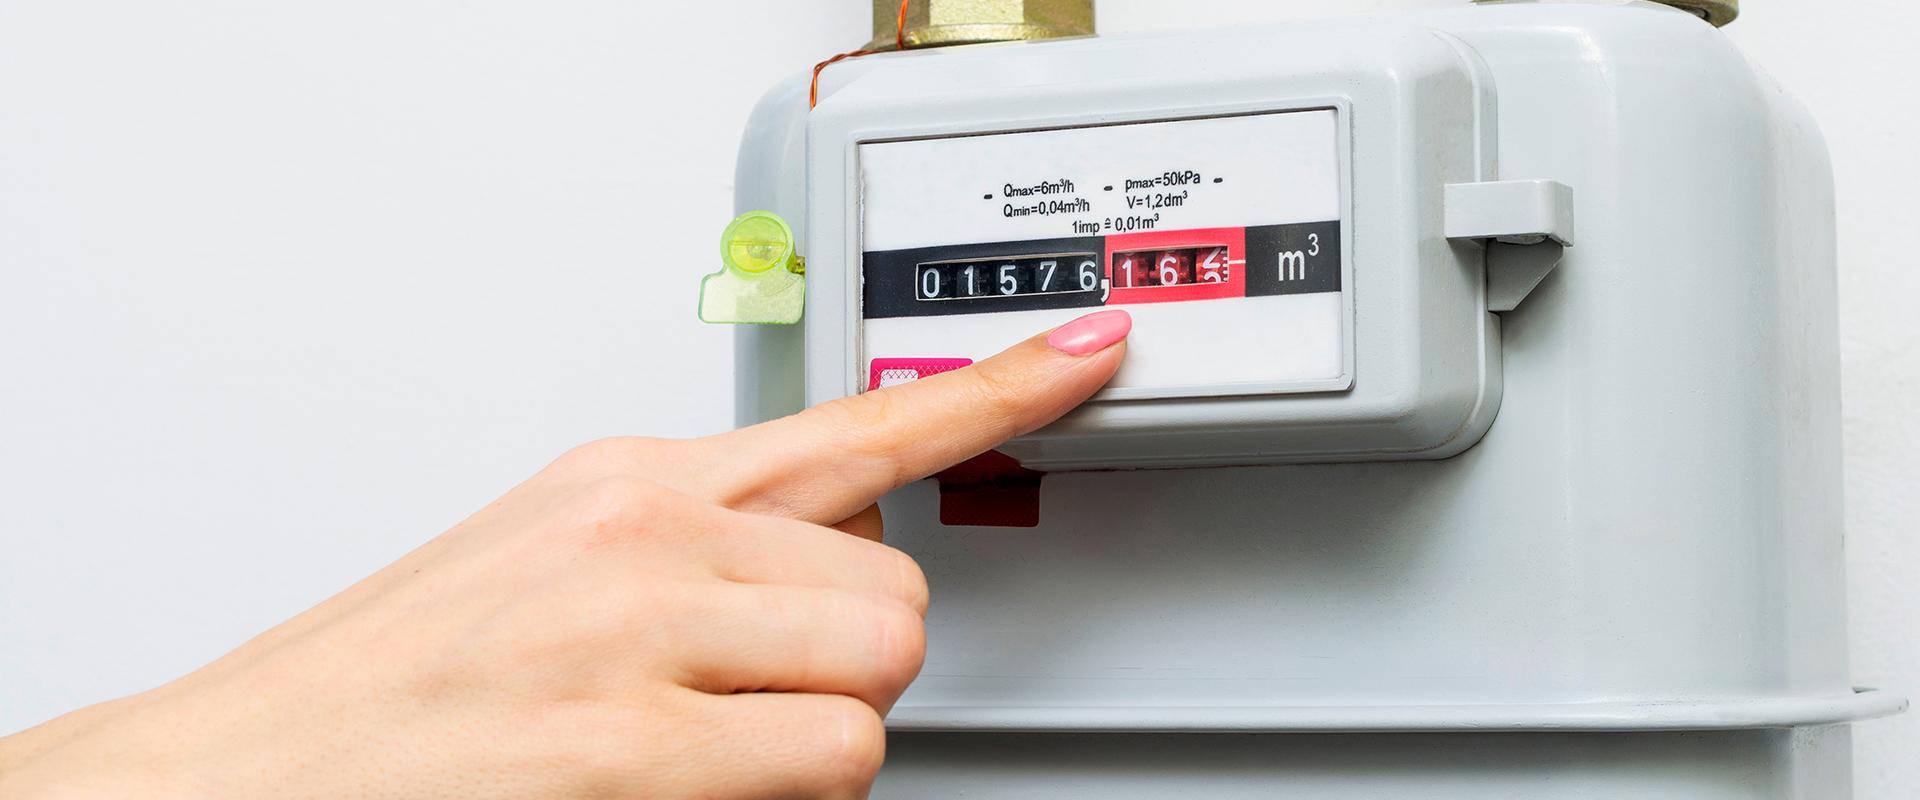 Tarif réglementé du gaz non applicable au propane